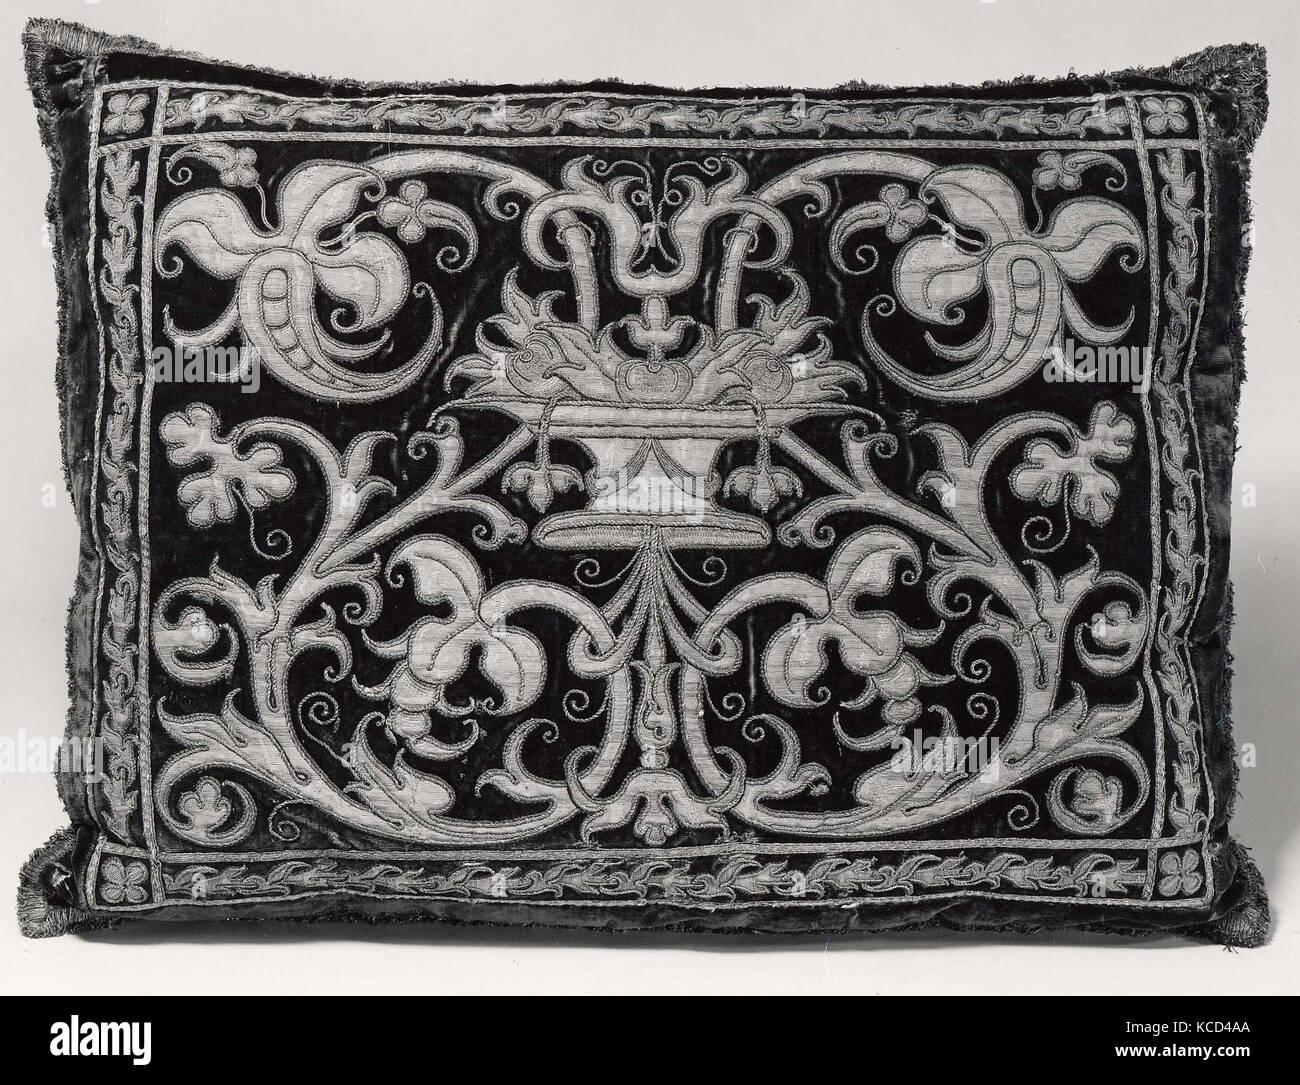 Les vêtements faits en 1994, 17e siècle, l'espagnol, la soie; métal, 19 x 25 in. (48,2 x 63,5 cm), Textiles-Embroidered Banque D'Images